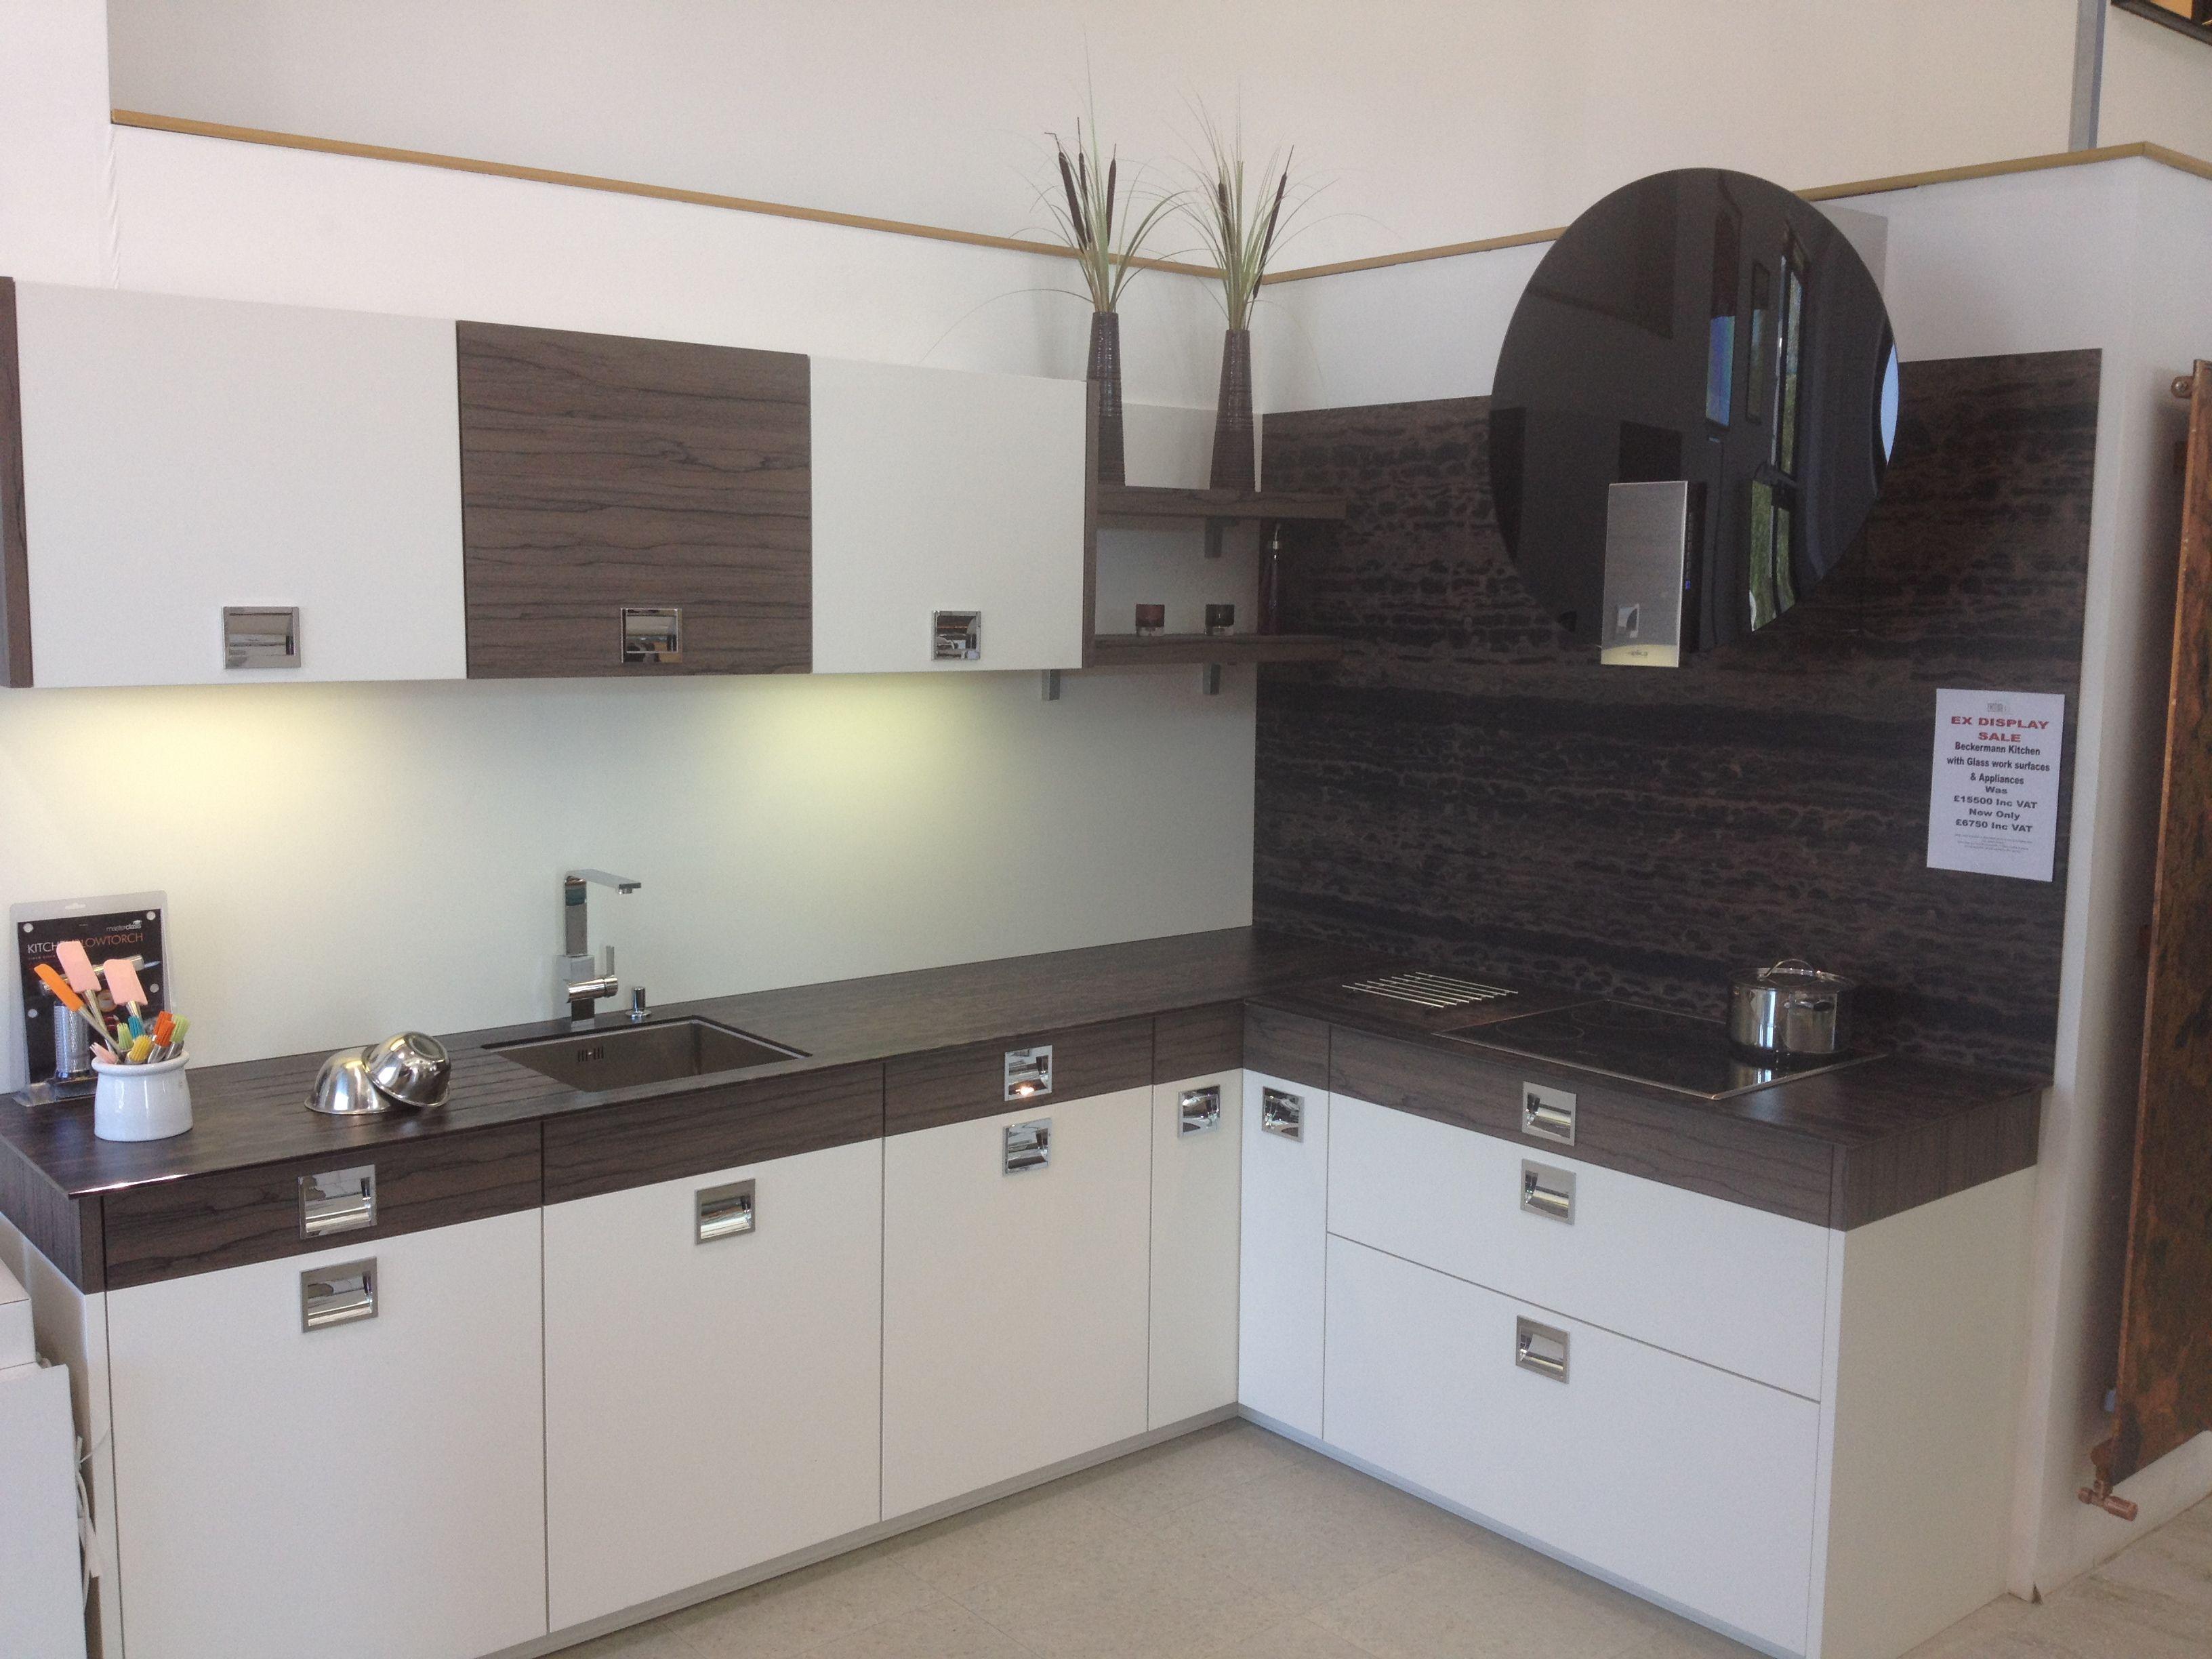 Pin Od La Cucine Na Kitchens Display Kitchen I Blanco Sinks